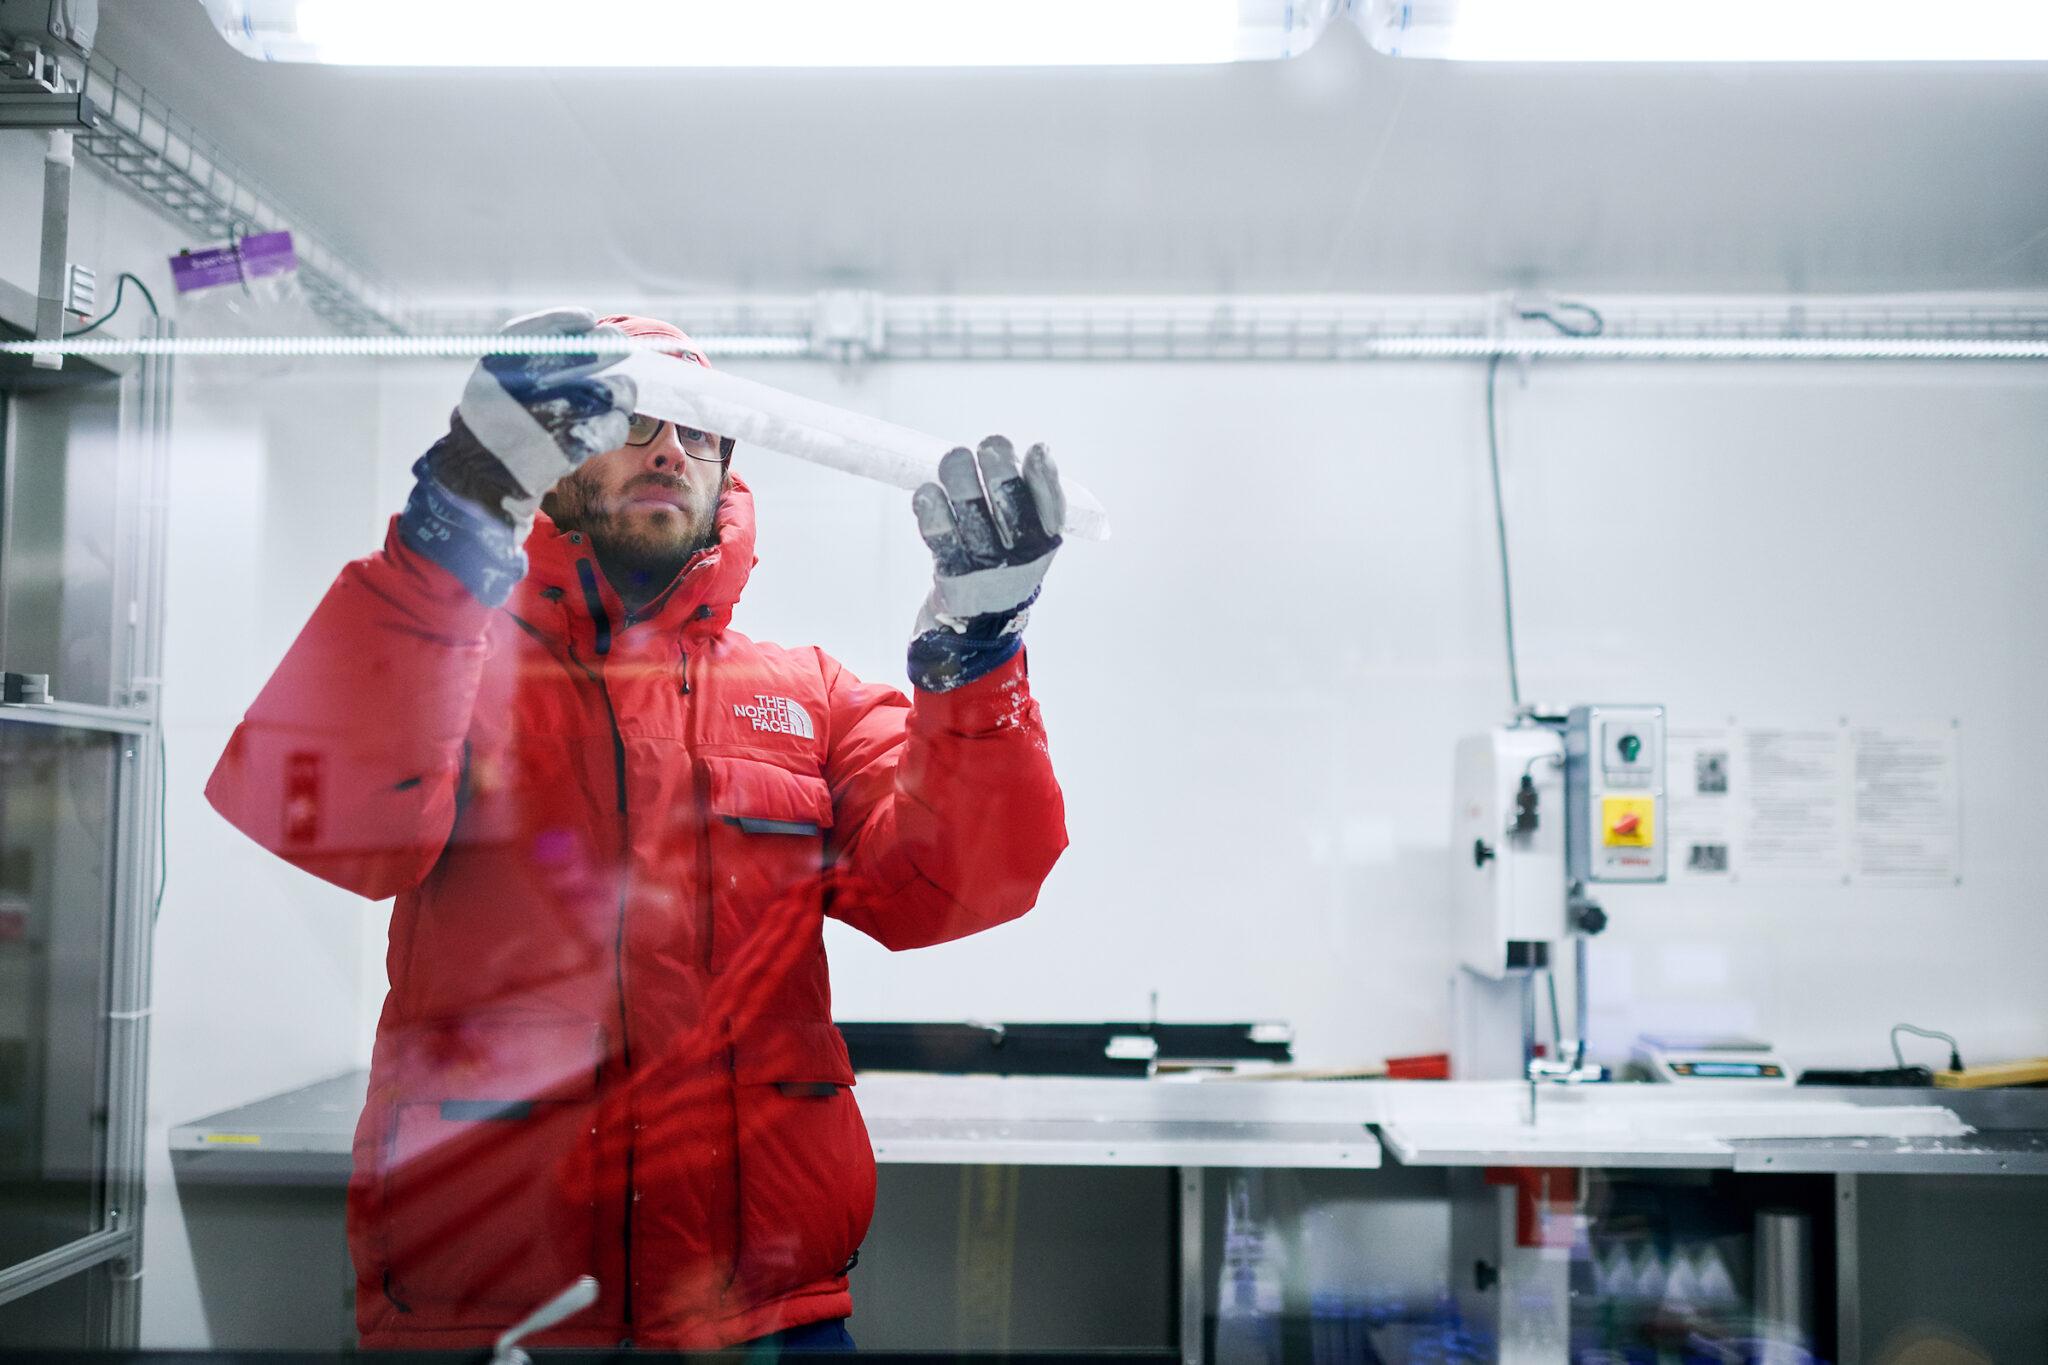 Ein Forscher in roter Winterjacke und blau-weiss gestreiften Handschuhen hält einen Eisbohrkernen in den Händen.